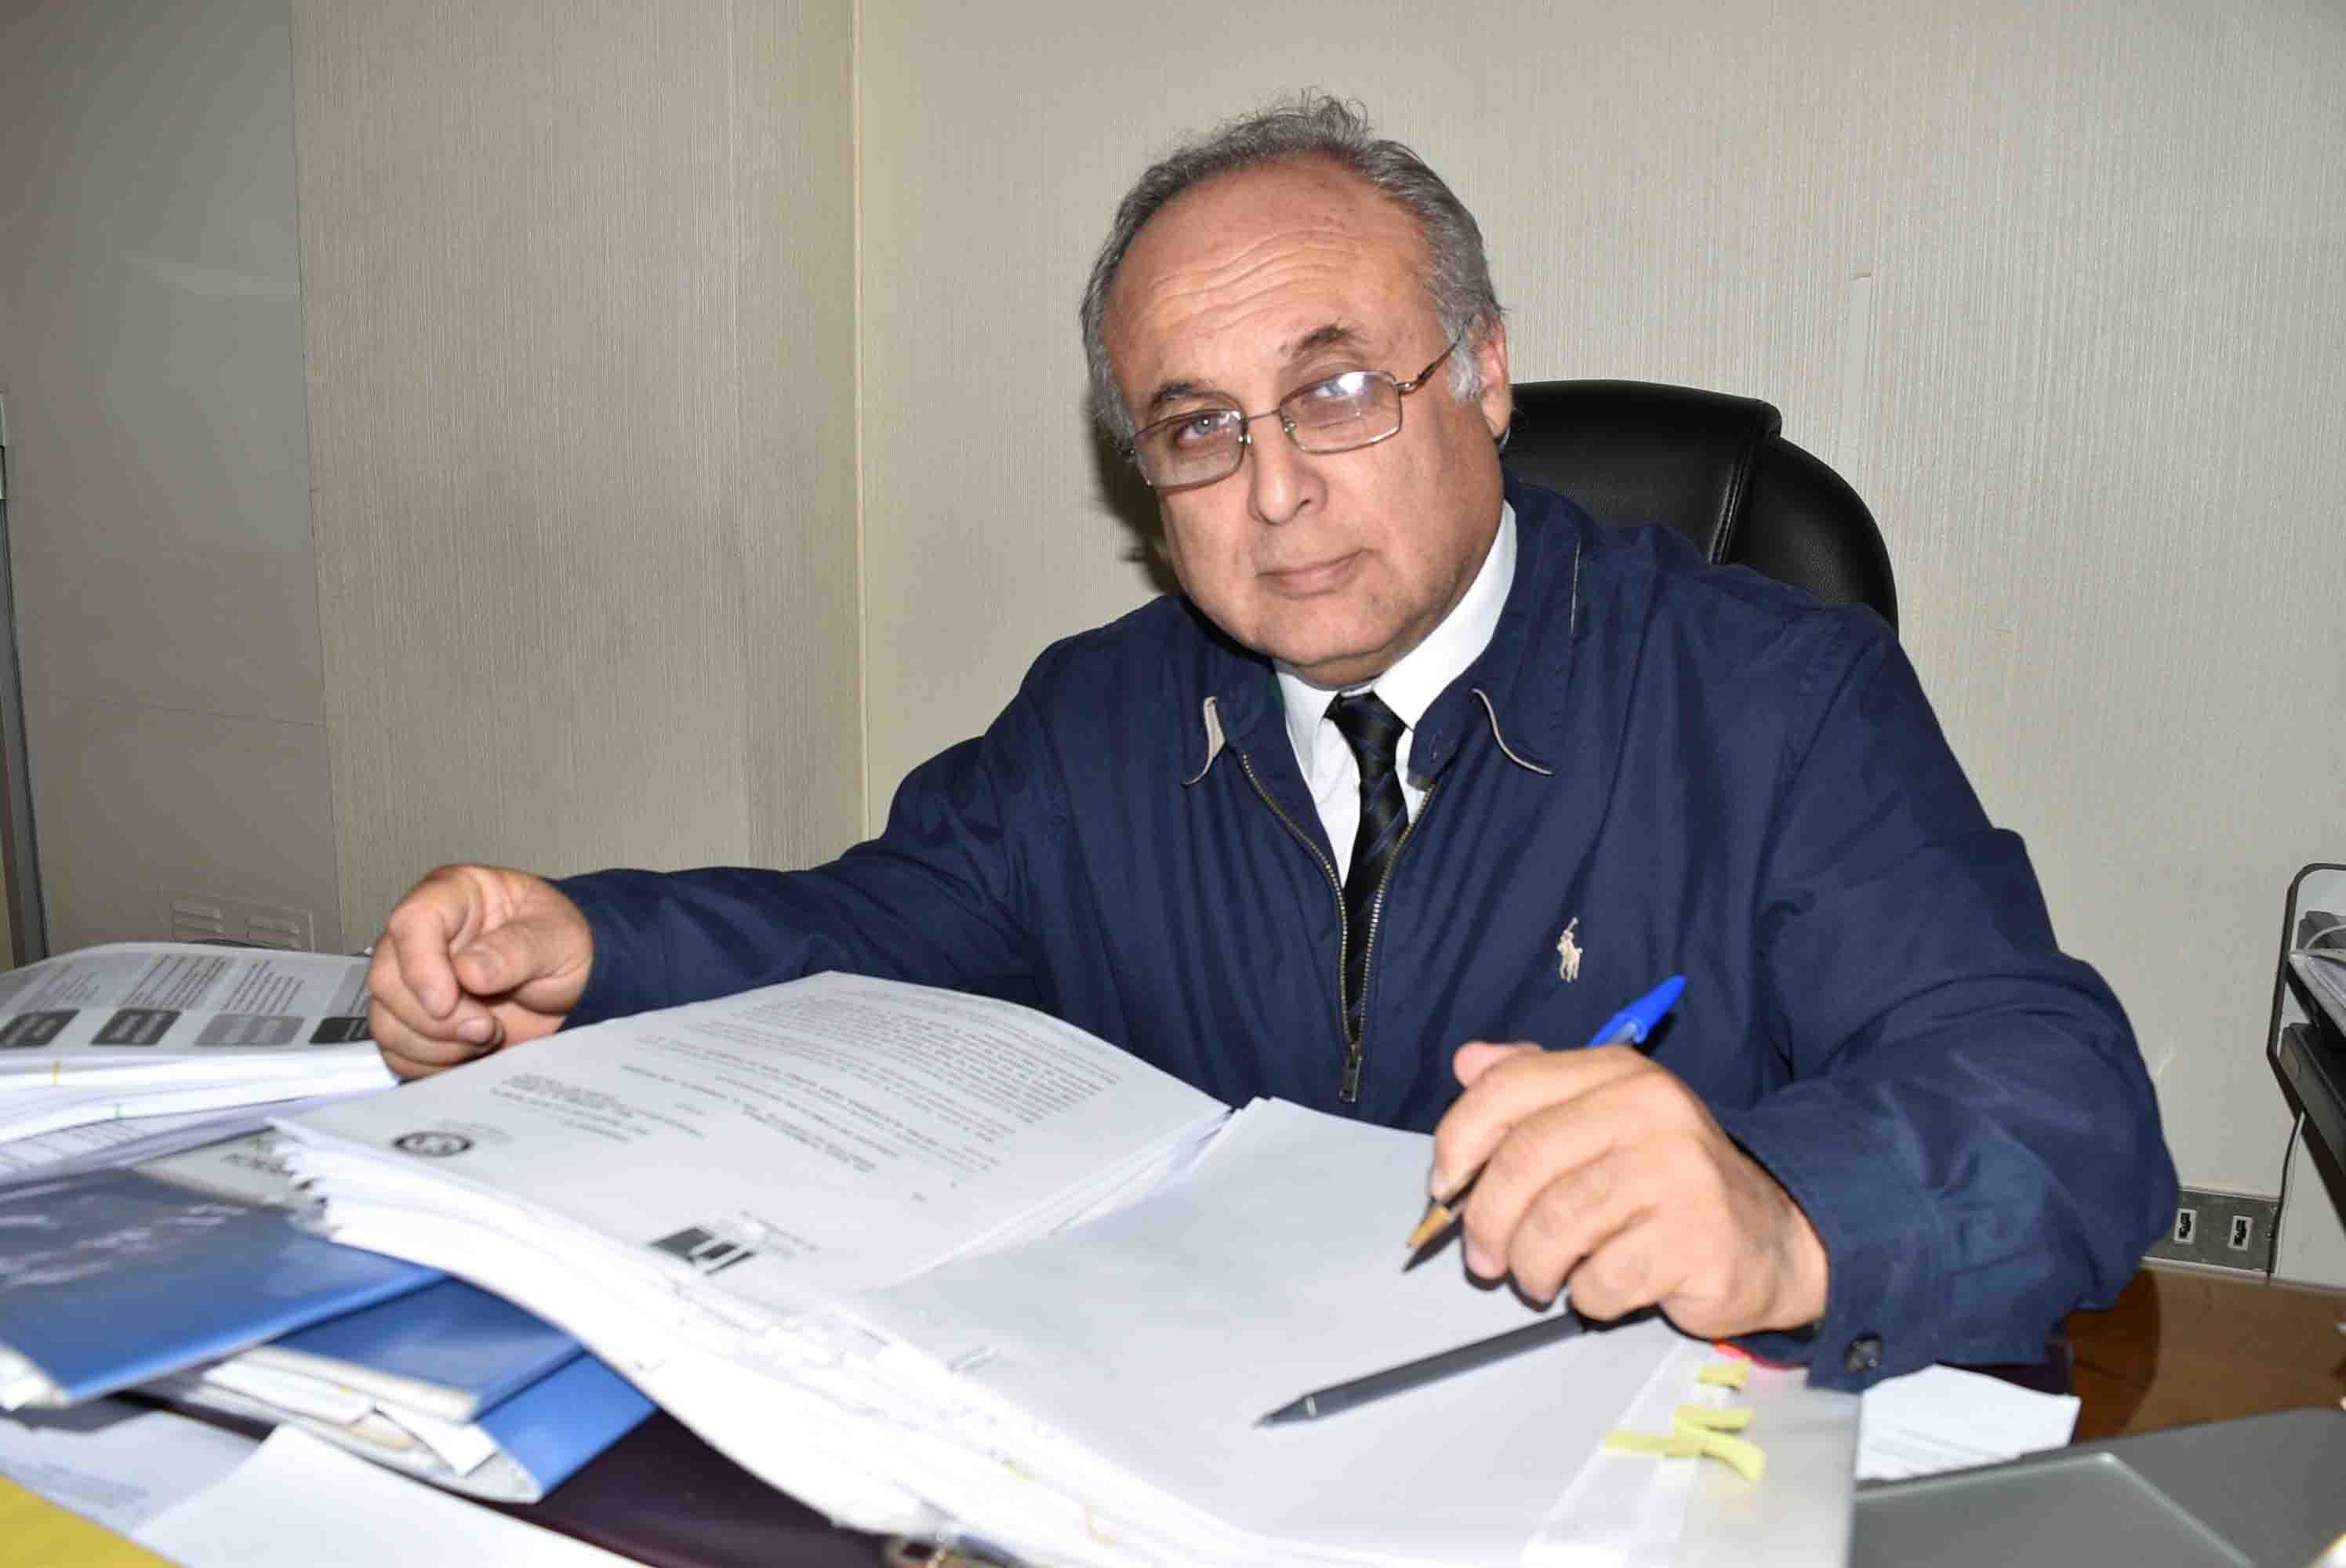 Photo of Reducir lista quirúrgica y tiempo de espera en la urgencia son las prioridades de nuevo director del hospital